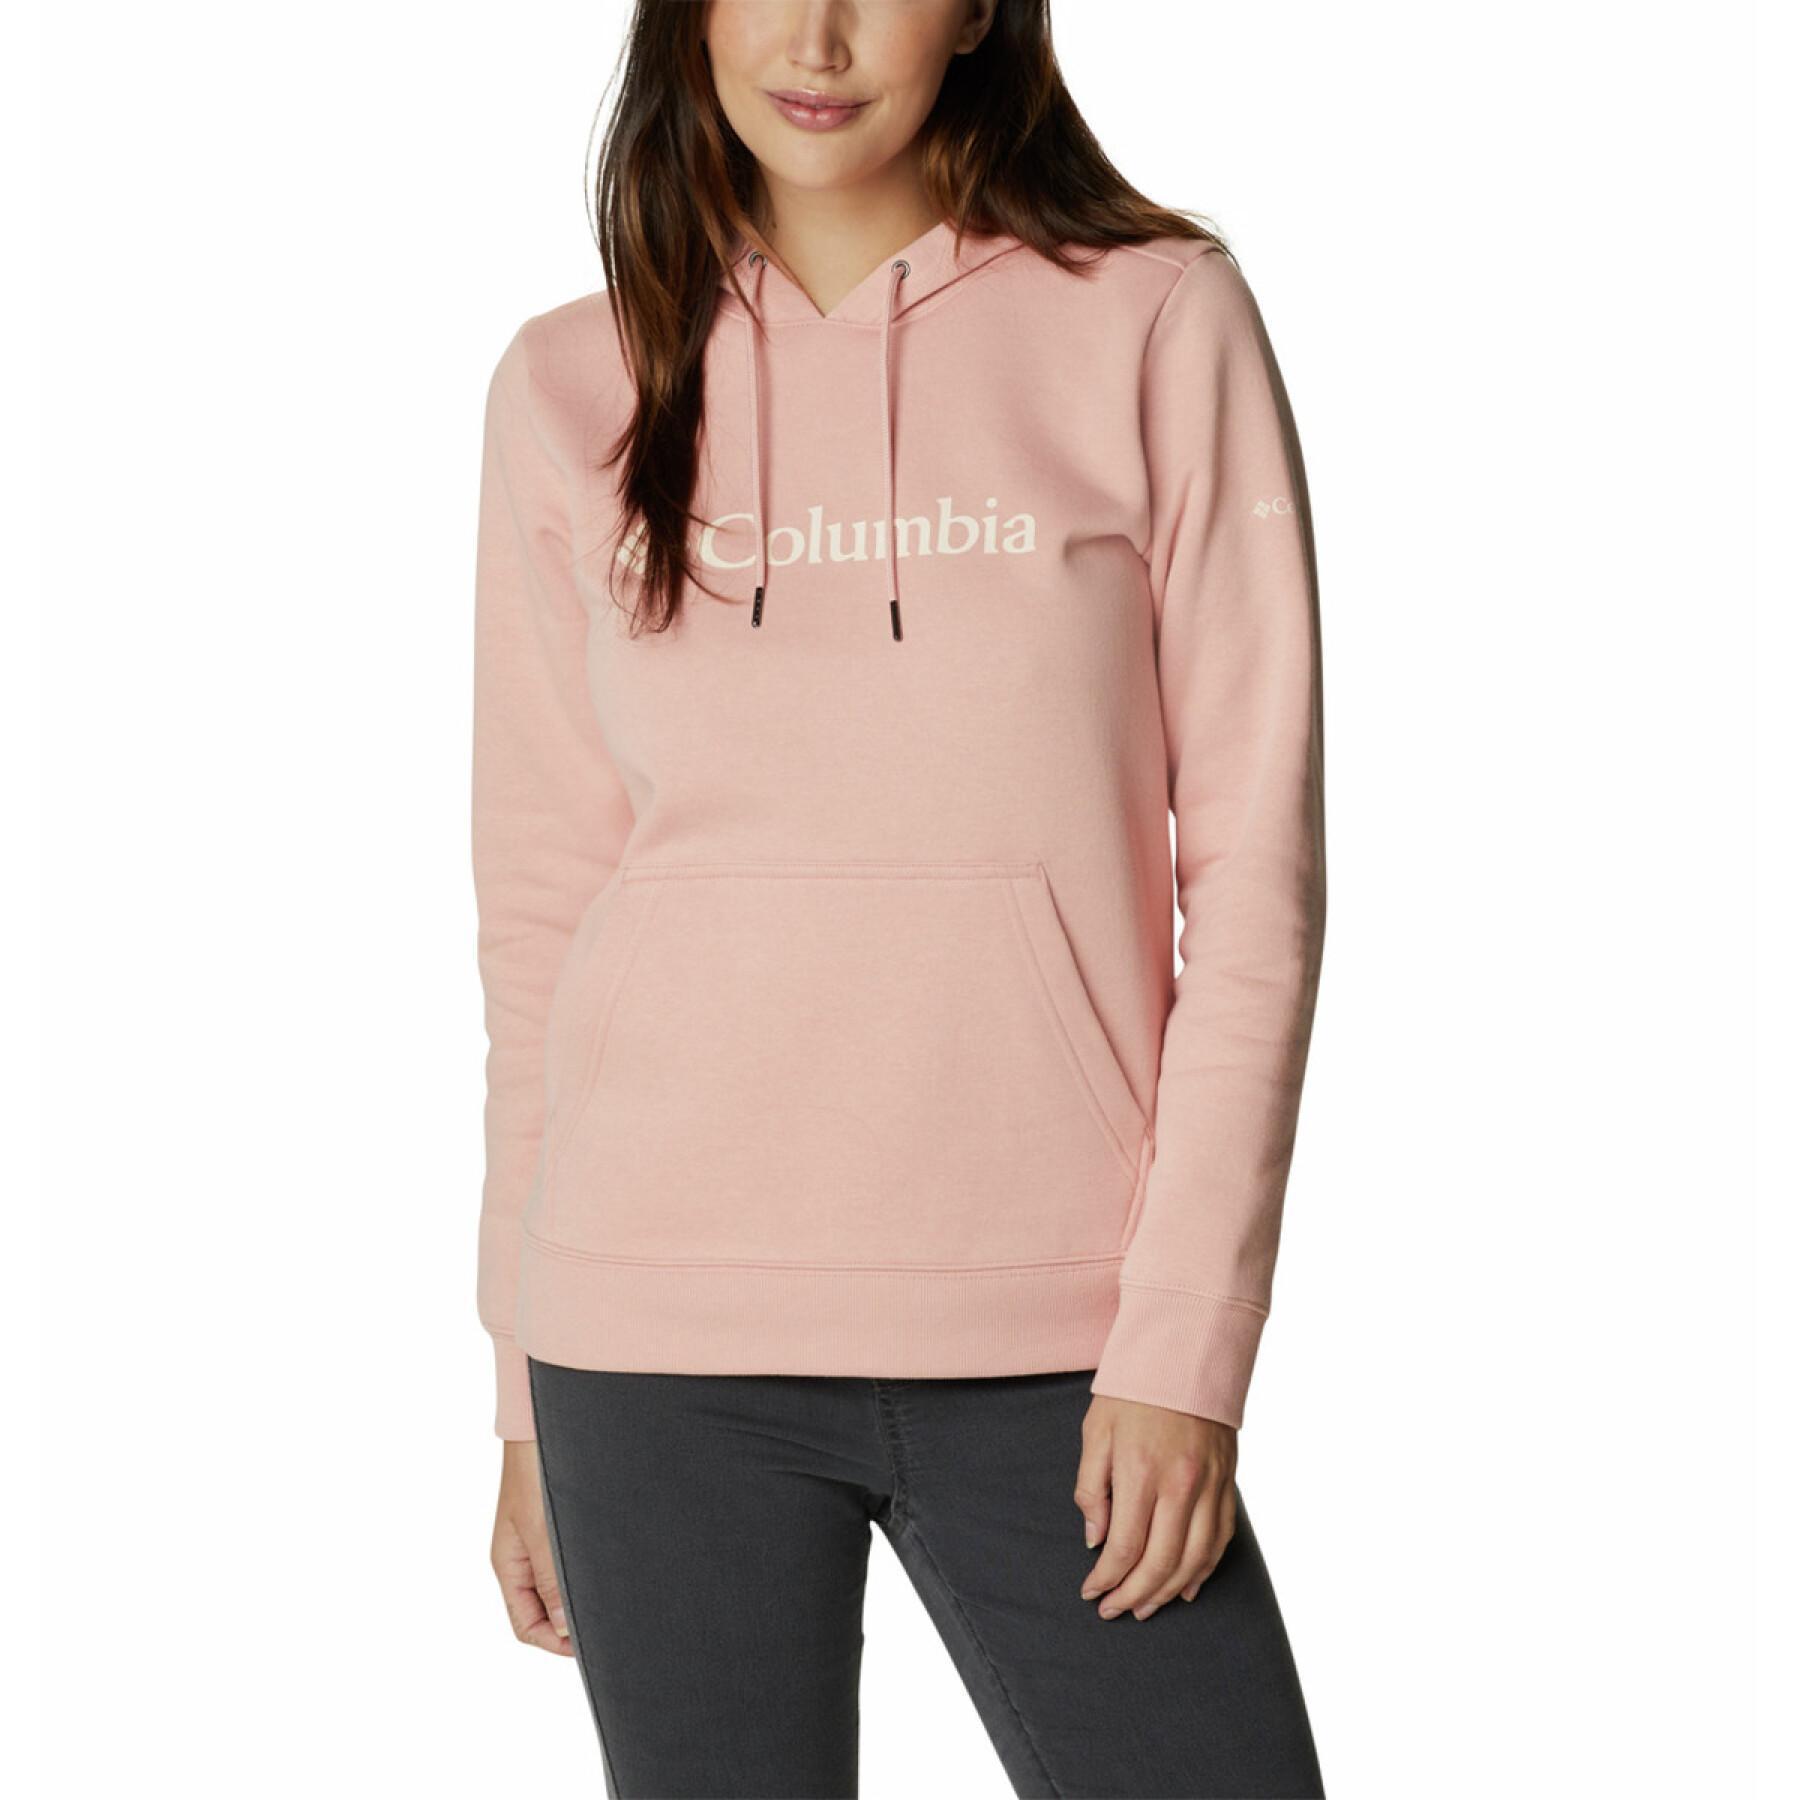 Women's hooded sweatshirt Columbia Logo